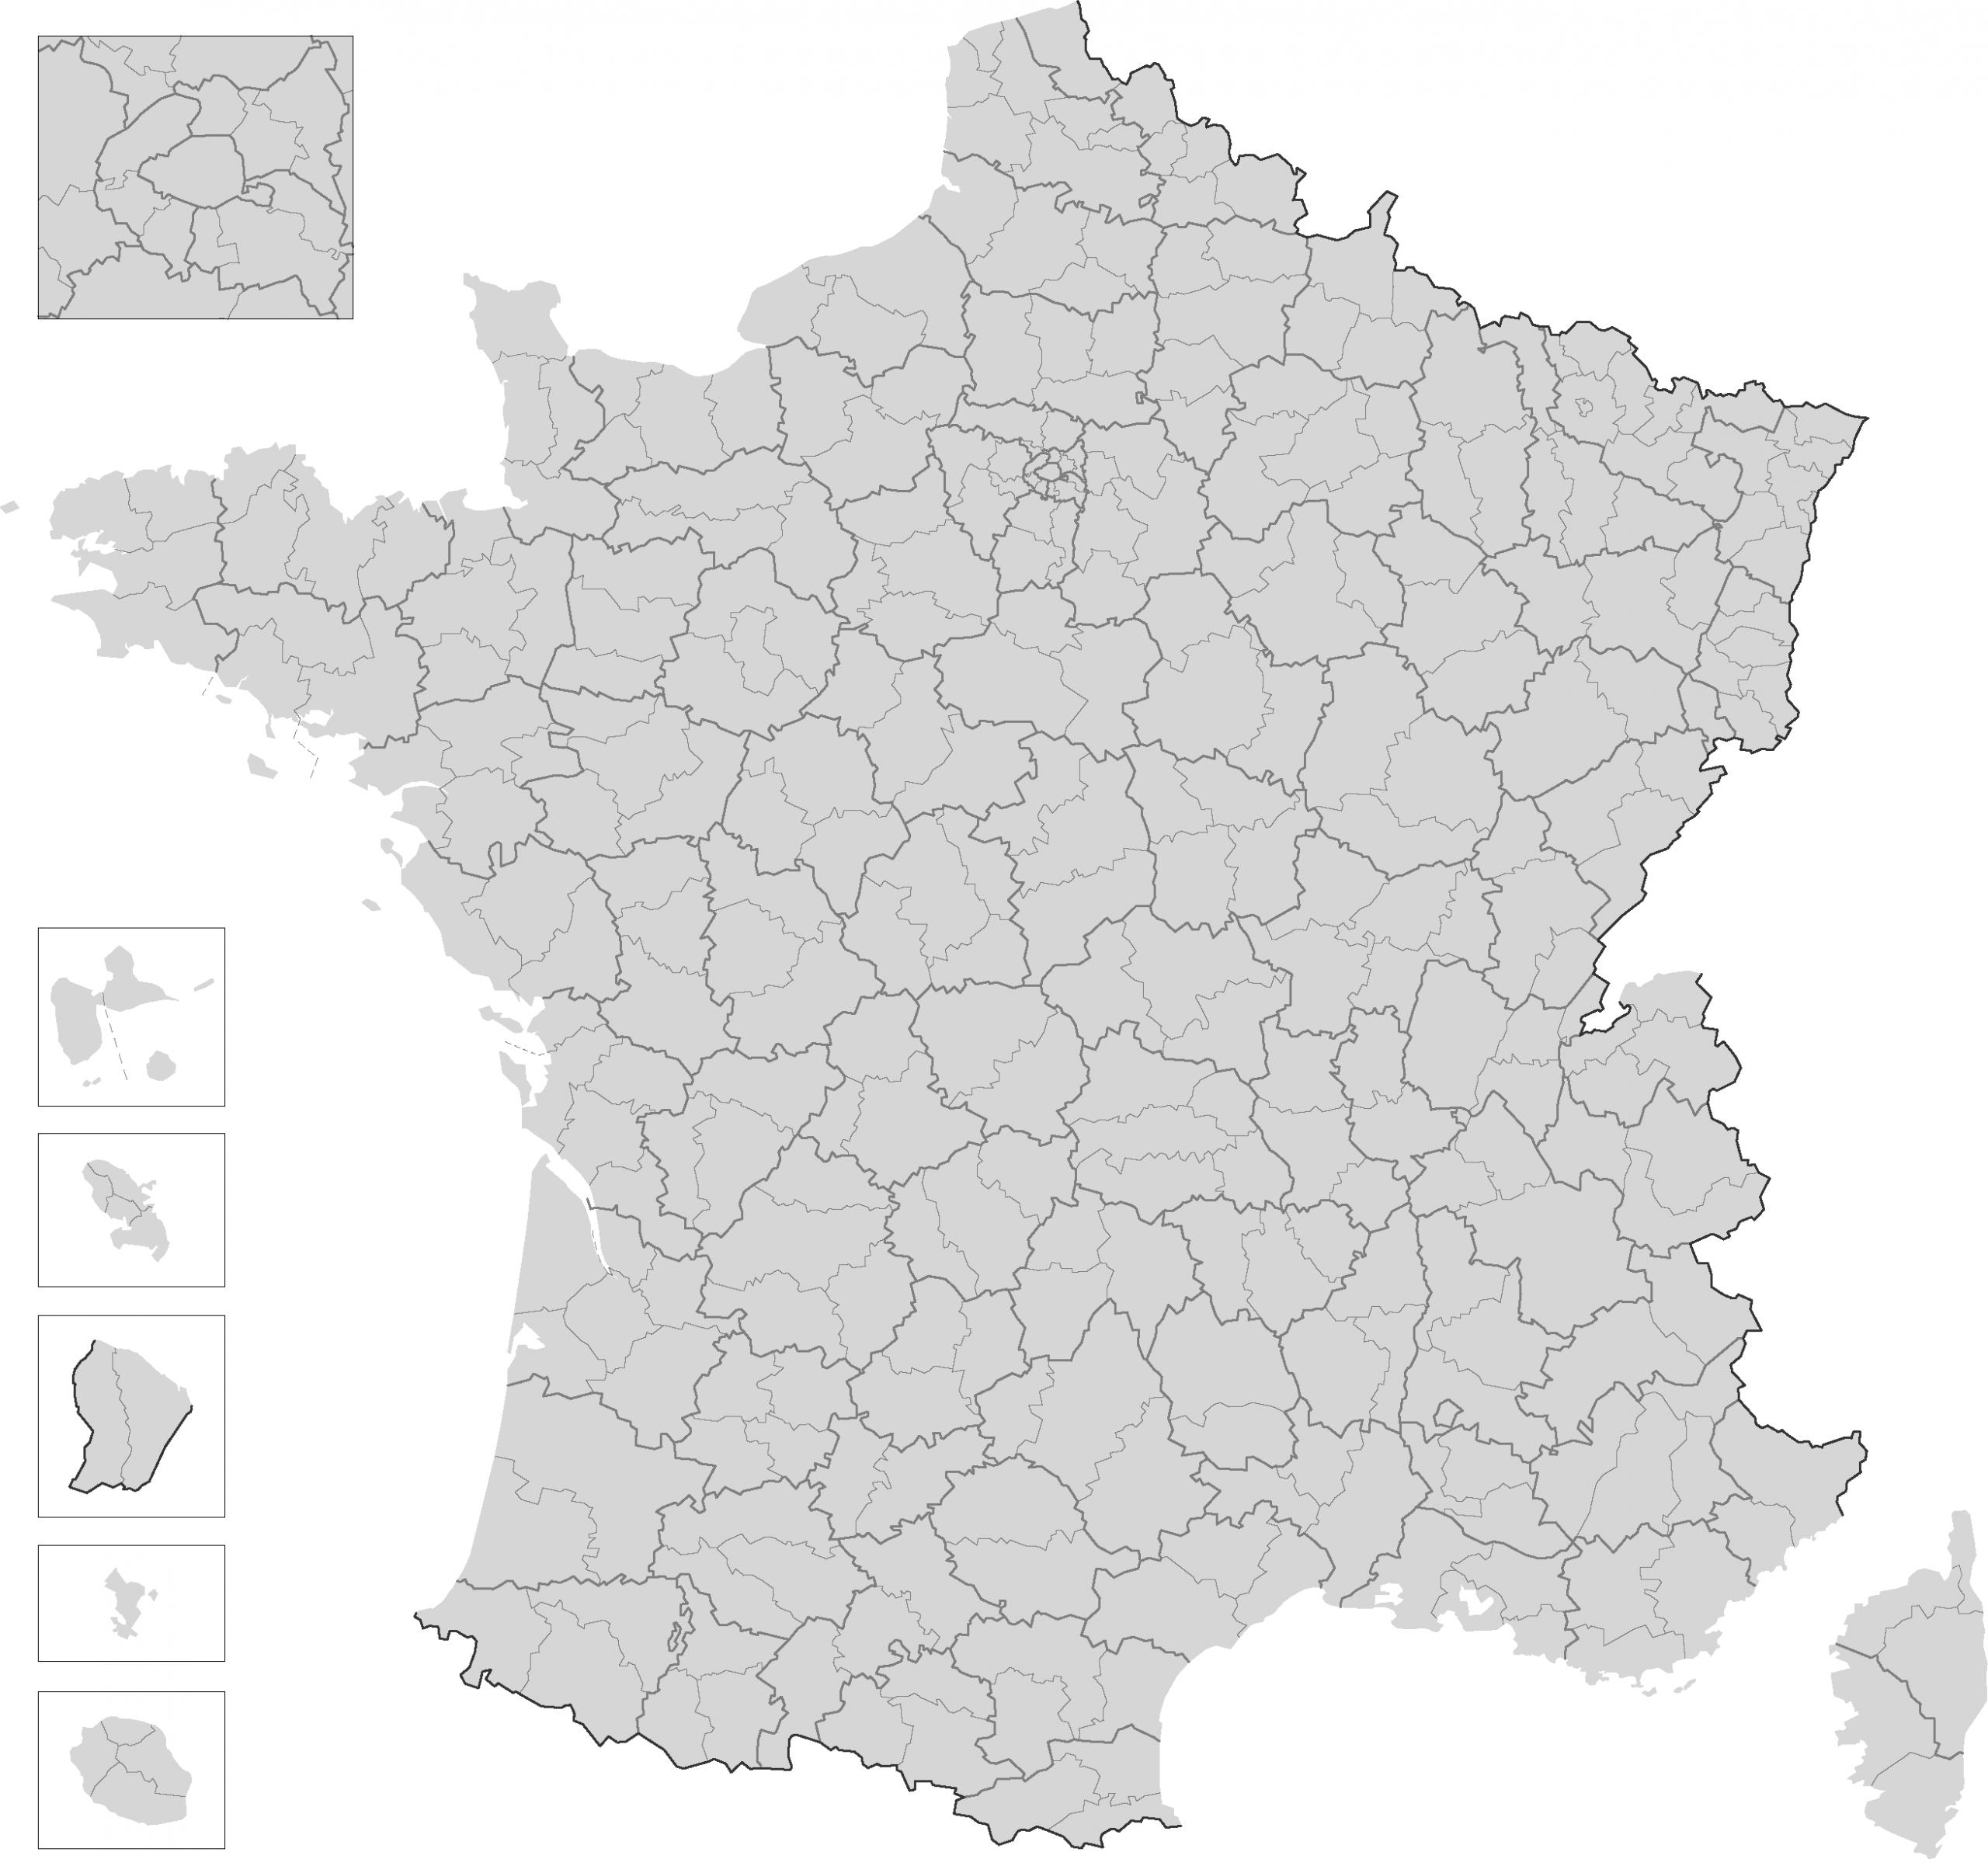 Carte France Département Png 5 » Png Image dedans Carte France Département Vierge